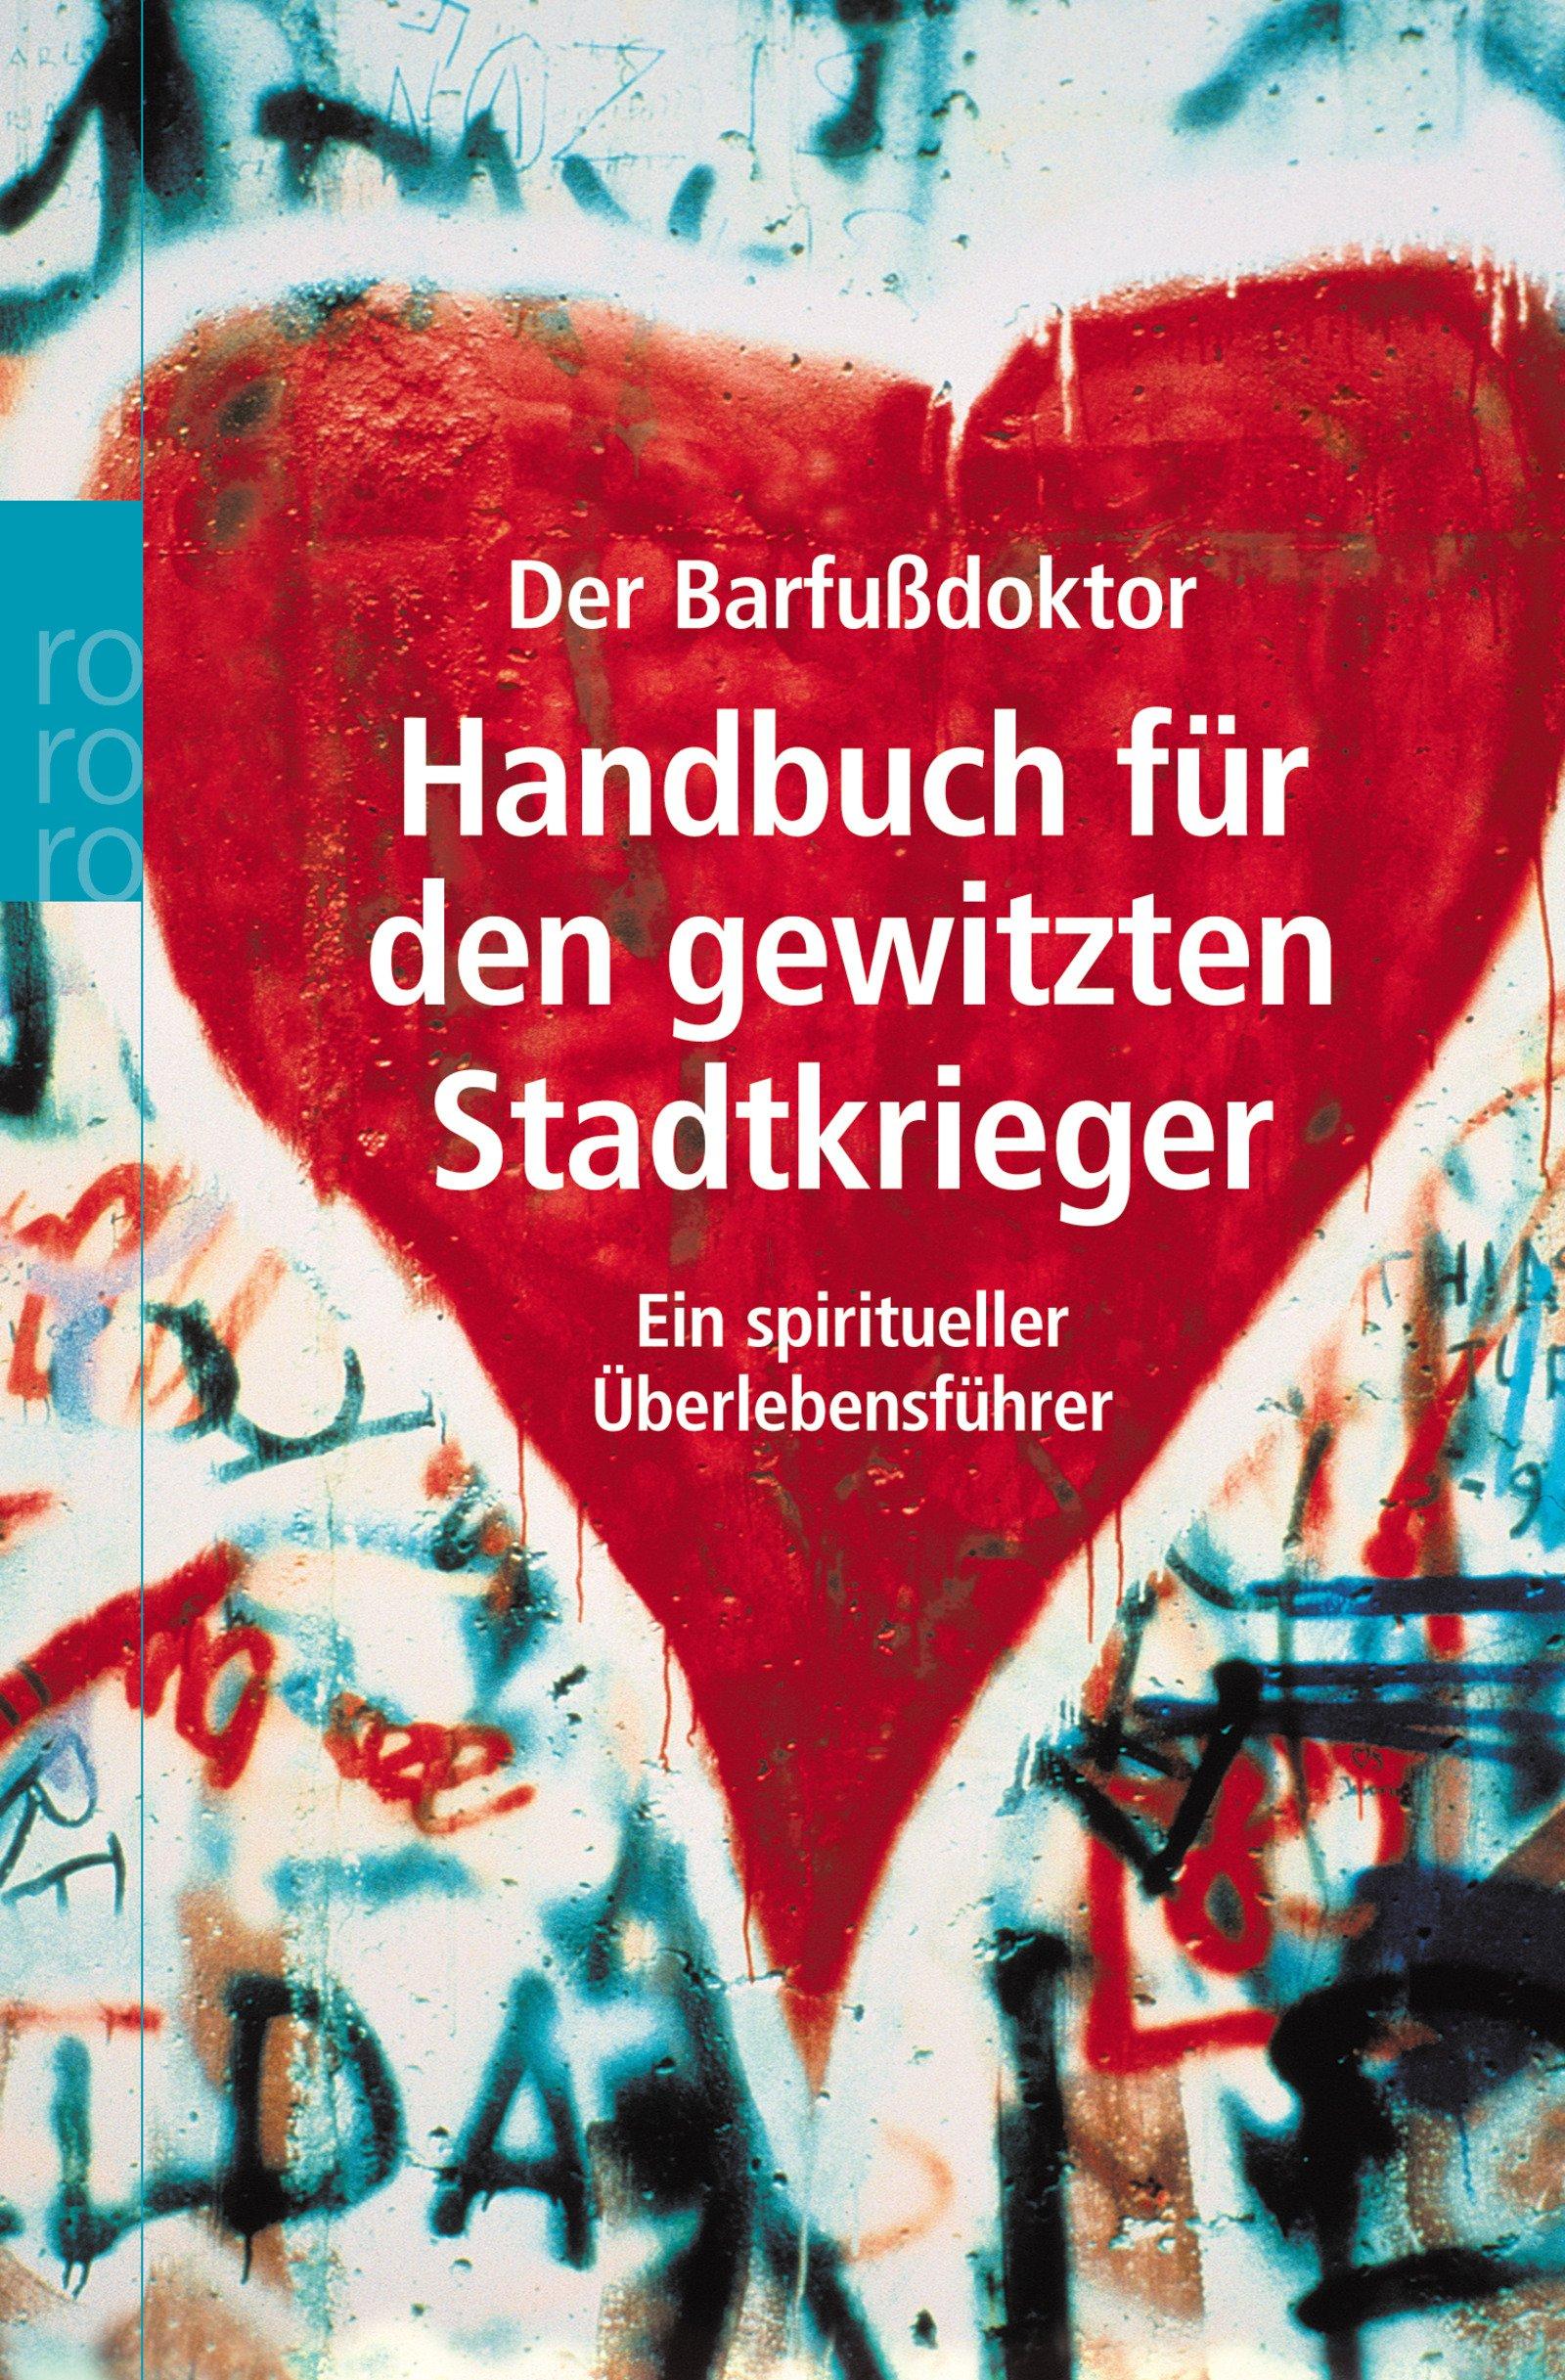 Handbuch für den gewitzten Stadtkrieger: Ein spiritiueller Überlebensführer